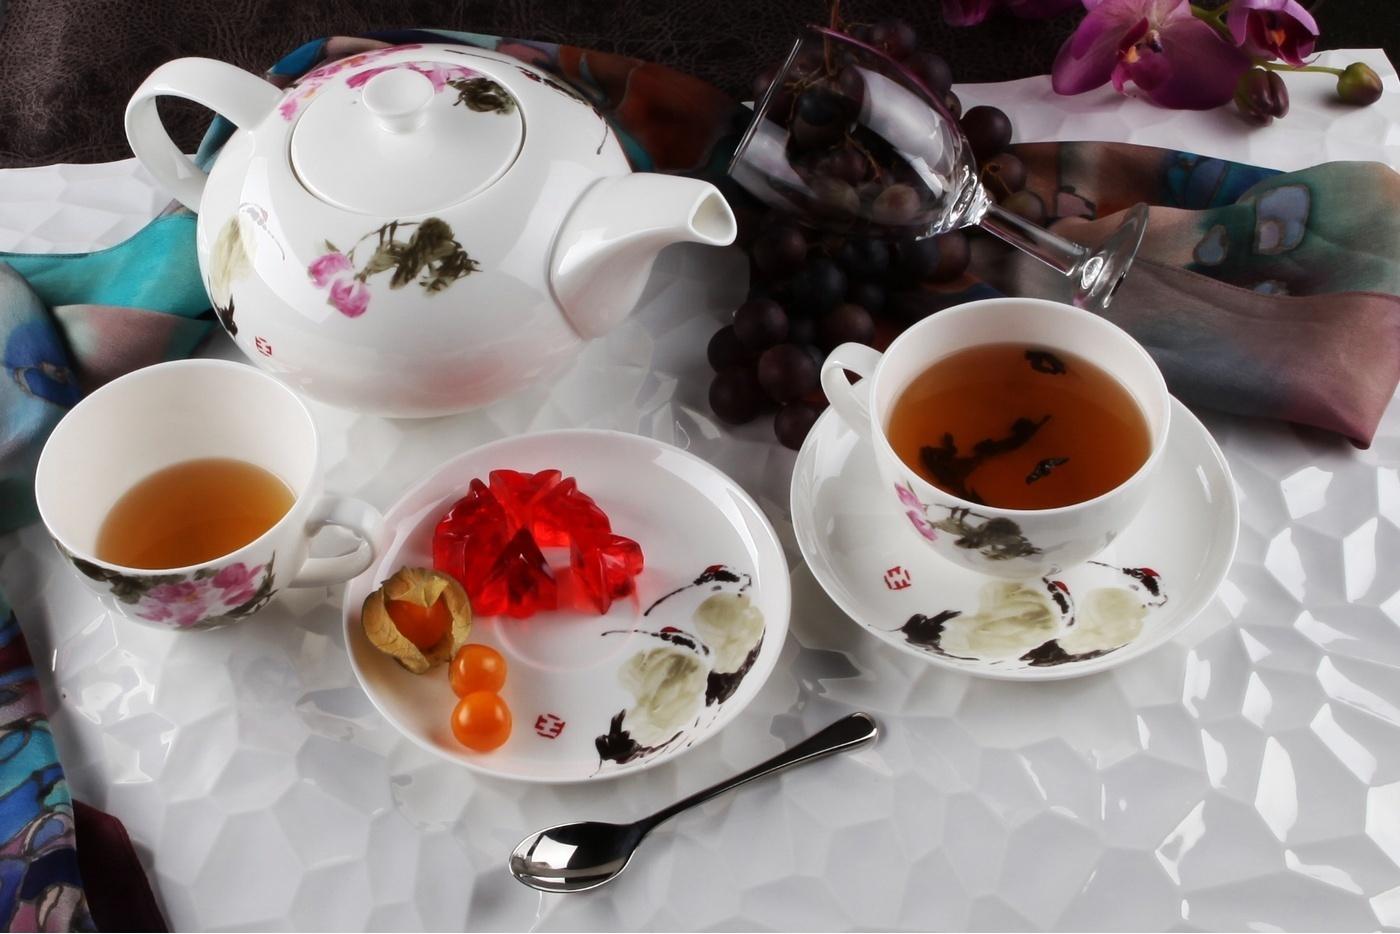 Чайный сервиз Royal Aurel Дика роза арт.140, 13 предметовЧайные сервизы<br>Чайный сервиз Royal Aurel Дика роза арт.140, 13 предметов<br><br><br><br><br><br><br><br><br><br><br>Чашка 300 мл,6 шт.<br>Блдце 15 см,6 шт.<br>Чайник 1300 мл<br><br><br><br><br><br><br>Производить посуду из фарфора начали в Китае на стыке 6-7 веков. Неустанно совершенству и селективно отбира сырье дл производства посуды из фарфора, мастерам удалось добитьс выдащихс характеристик фарфора: белизны и тонкостенности. В XV веке повилс особый интерес к китайской фарфоровой посуде, так как в то врем Европе возникла мода на самобытные китайские вещи. Роскошный китайский фарфор вллс изыском и был в новинку, потому он выступал в качестве подарка королм, а также знатным лдм. Такой дорогой подарок был очень престижен и по праву вллс литной посудой. Как известно из многочисленных исторических документов, в Европе китайские издели из фарфора ценились практически как золото. <br>Проверка изделий из костного фарфора на подлинность <br>По сравнени с производством других видов фарфора процесс производства изделий из настощего костного фарфора сложен и весьма длителен. Посуда из изщного фарфора - то литна посуда, котора всегда ассоциируетс с богатством, величием и благородством. Несмотр на небольшу толщину, фарфорова посуда - то очень прочное изделие. Дл демонстрации плотности и прочности фарфора можно легко коснутьс предметов посуды из фарфора деревнной палочкой, и тогда мы услушим характерный металлический звон. В составе фарфоровой посуды присутствует костна зола, благодар чему она может быть намного тоньше (не более 2,5 мм) и легче твердого или мгкого фарфора. Безупречна белизна - клчевой признак отличи такого фарфора от других. Цвет обычного фарфора сероватый или ближе к голубоватому, а костной фарфор будет всегда будет молочно-белого цвета. Характерна и немаловажна деталь - то невесома прозрачность изделий из фарфора така, что сквозь него проходит свет.<br>